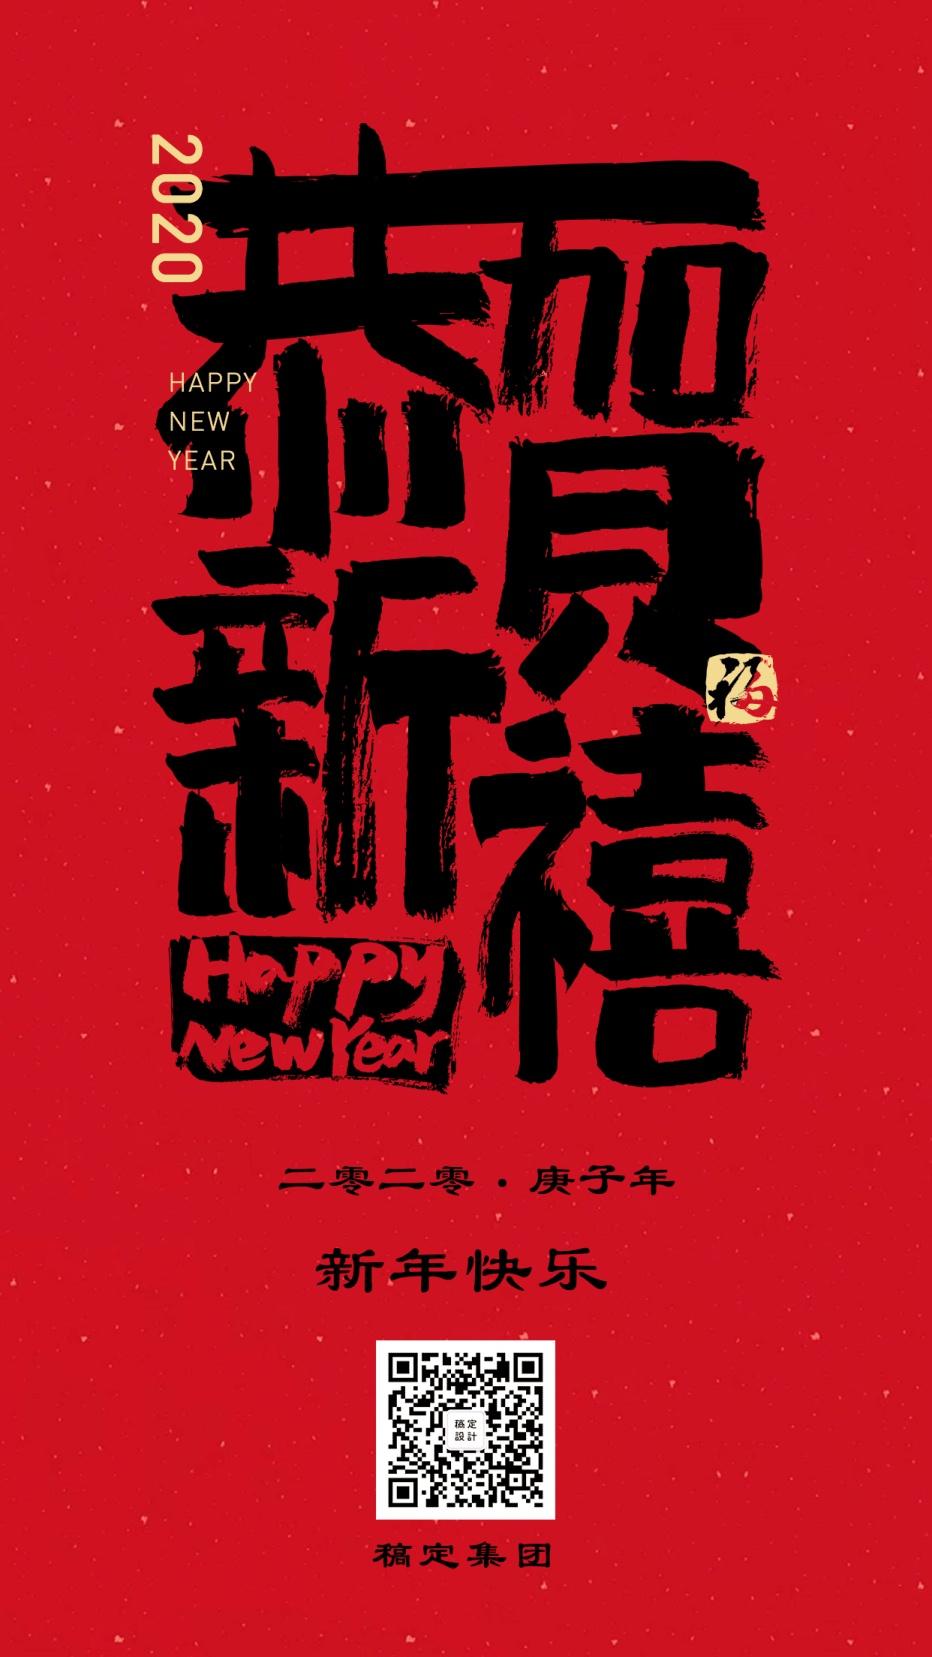 2020春节鼠年新春祝福毛笔字手机海报